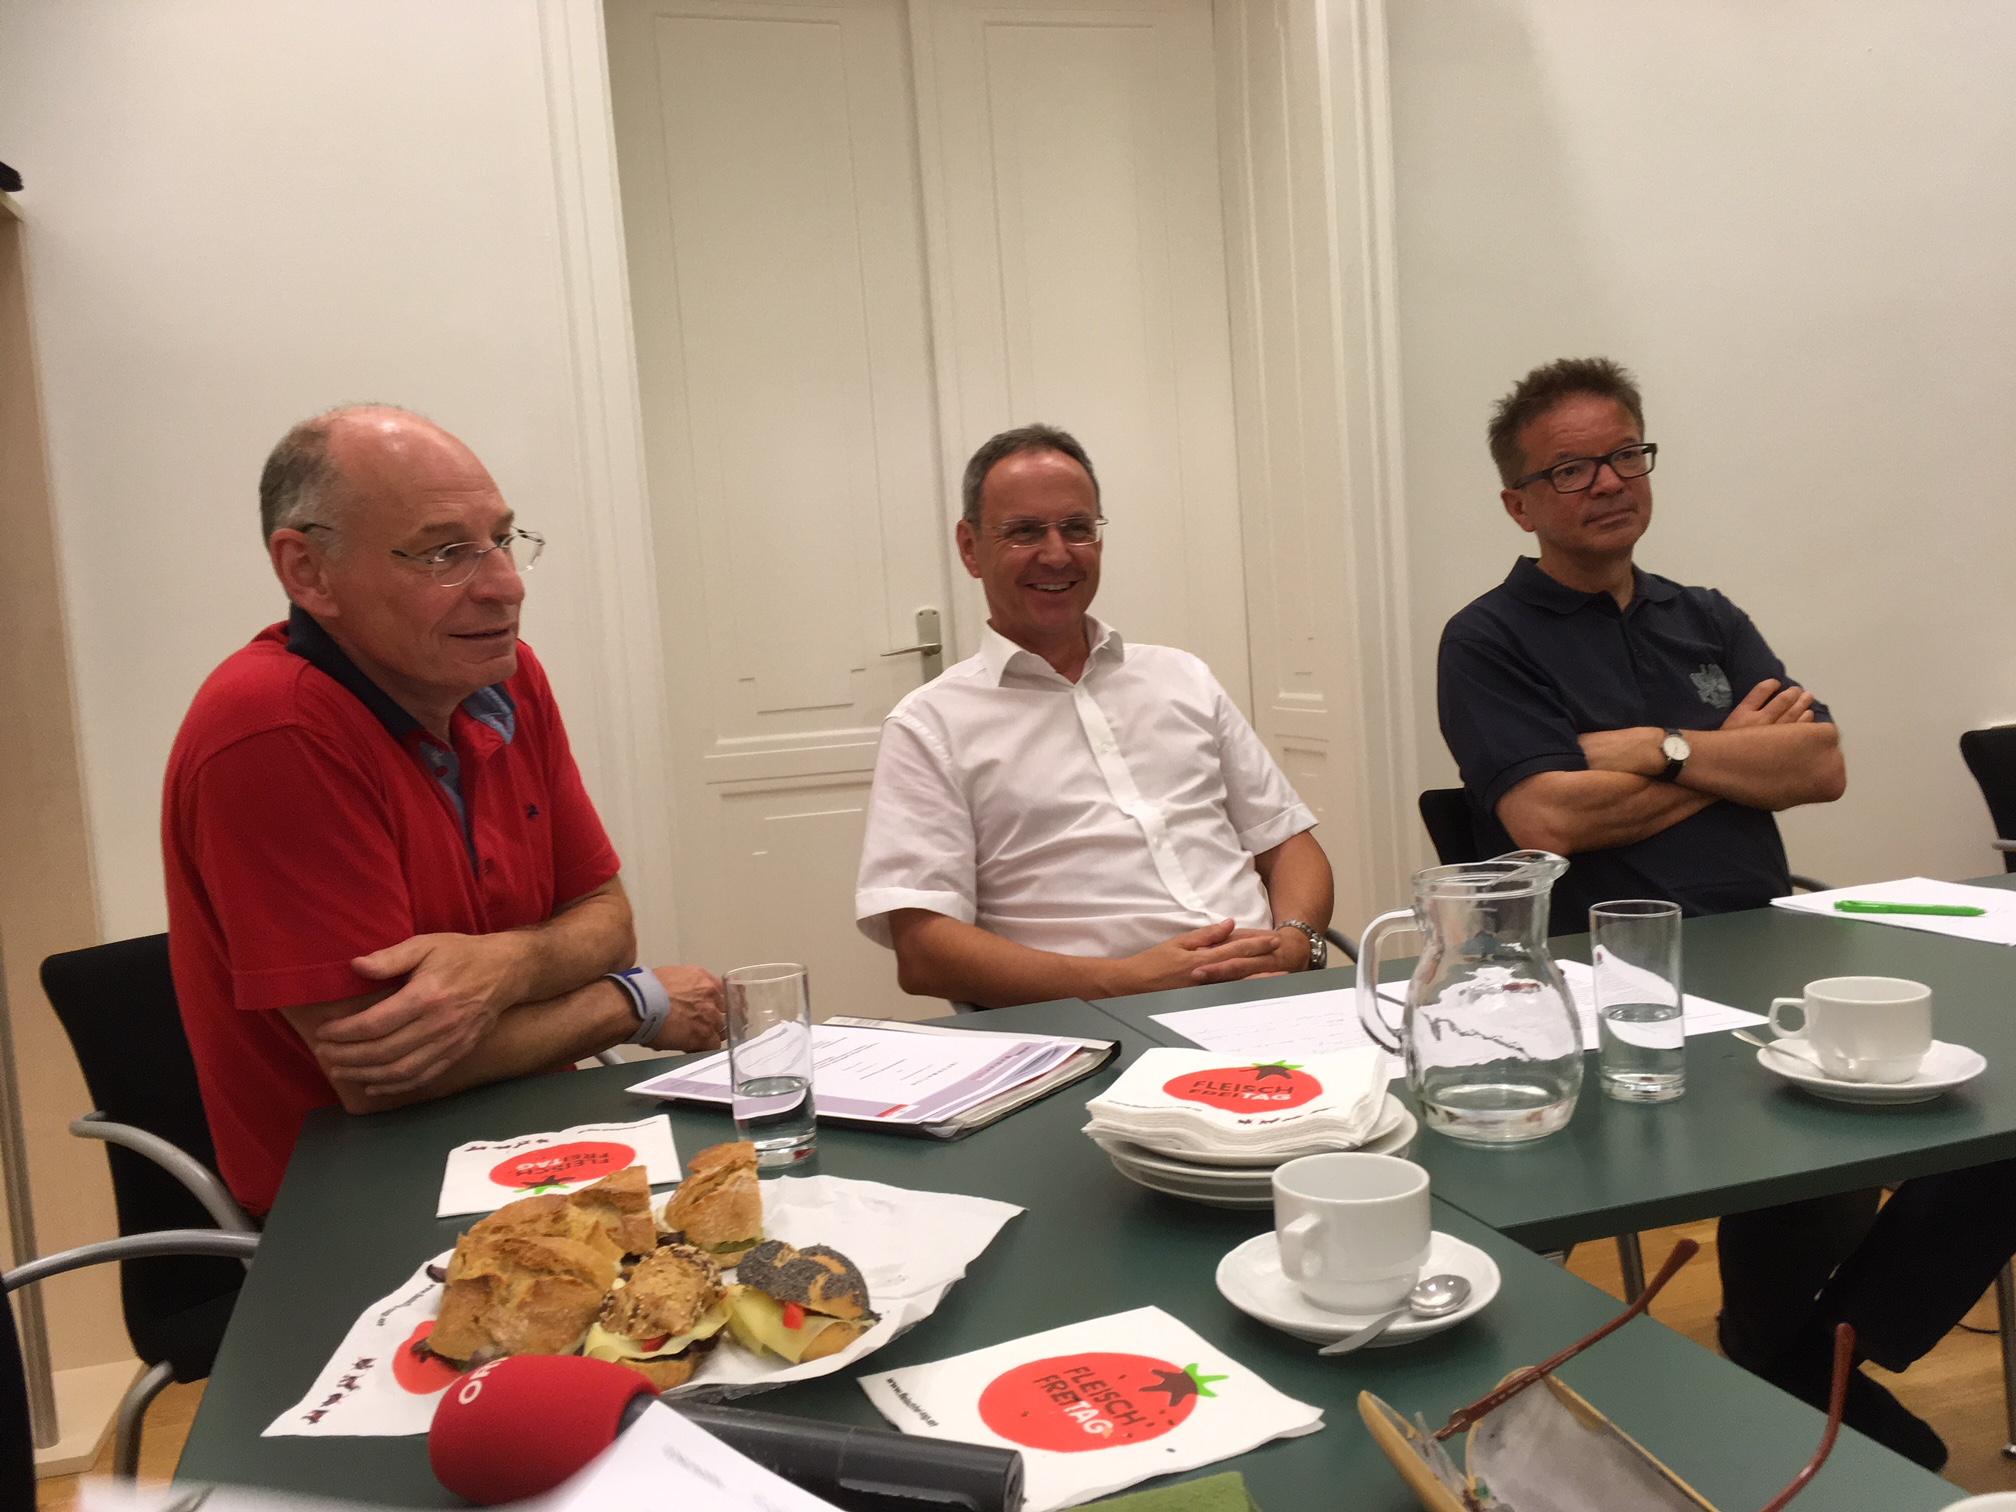 DI Thomas Anderer und Bgm. Roland Wohlmuth, Landesabfallverband, LR Rudi Anschober